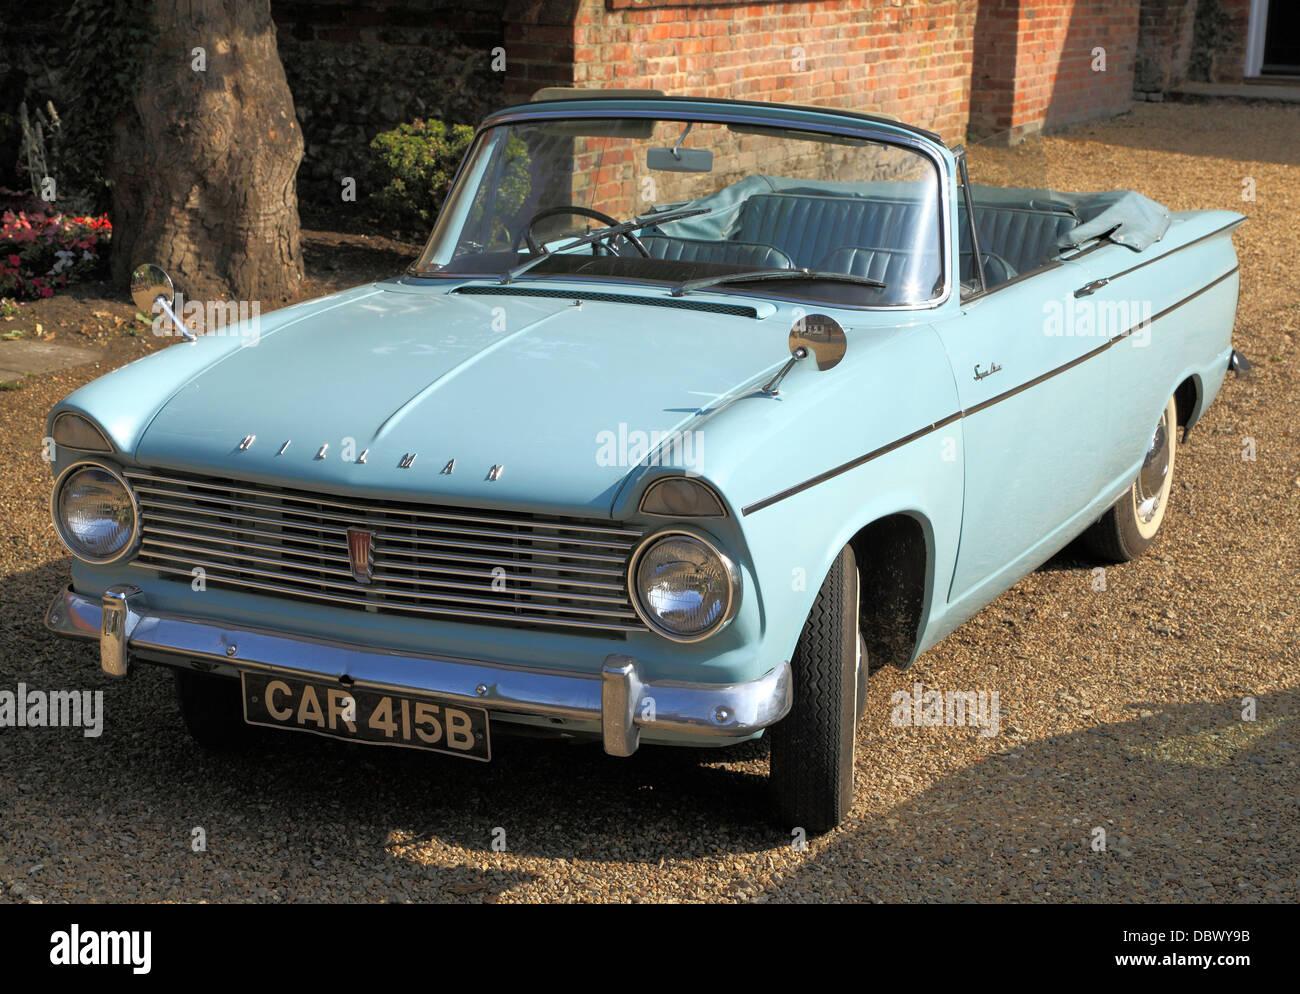 Hillman Super Minx, sessanta vintage motor car, British Classic Cars Veicoli Hillmans, Cabrio Cabrio, England Regno Immagini Stock